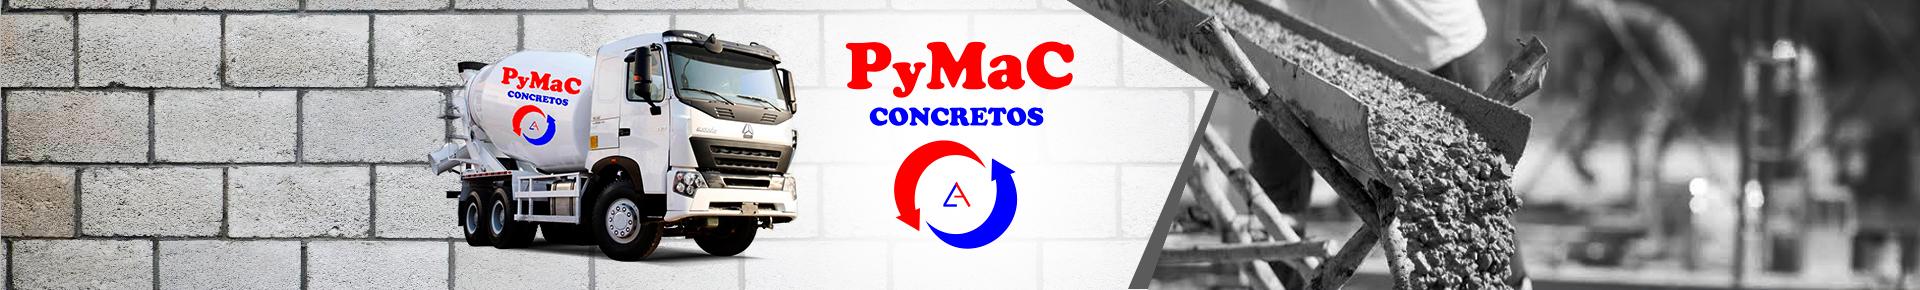 Pymac